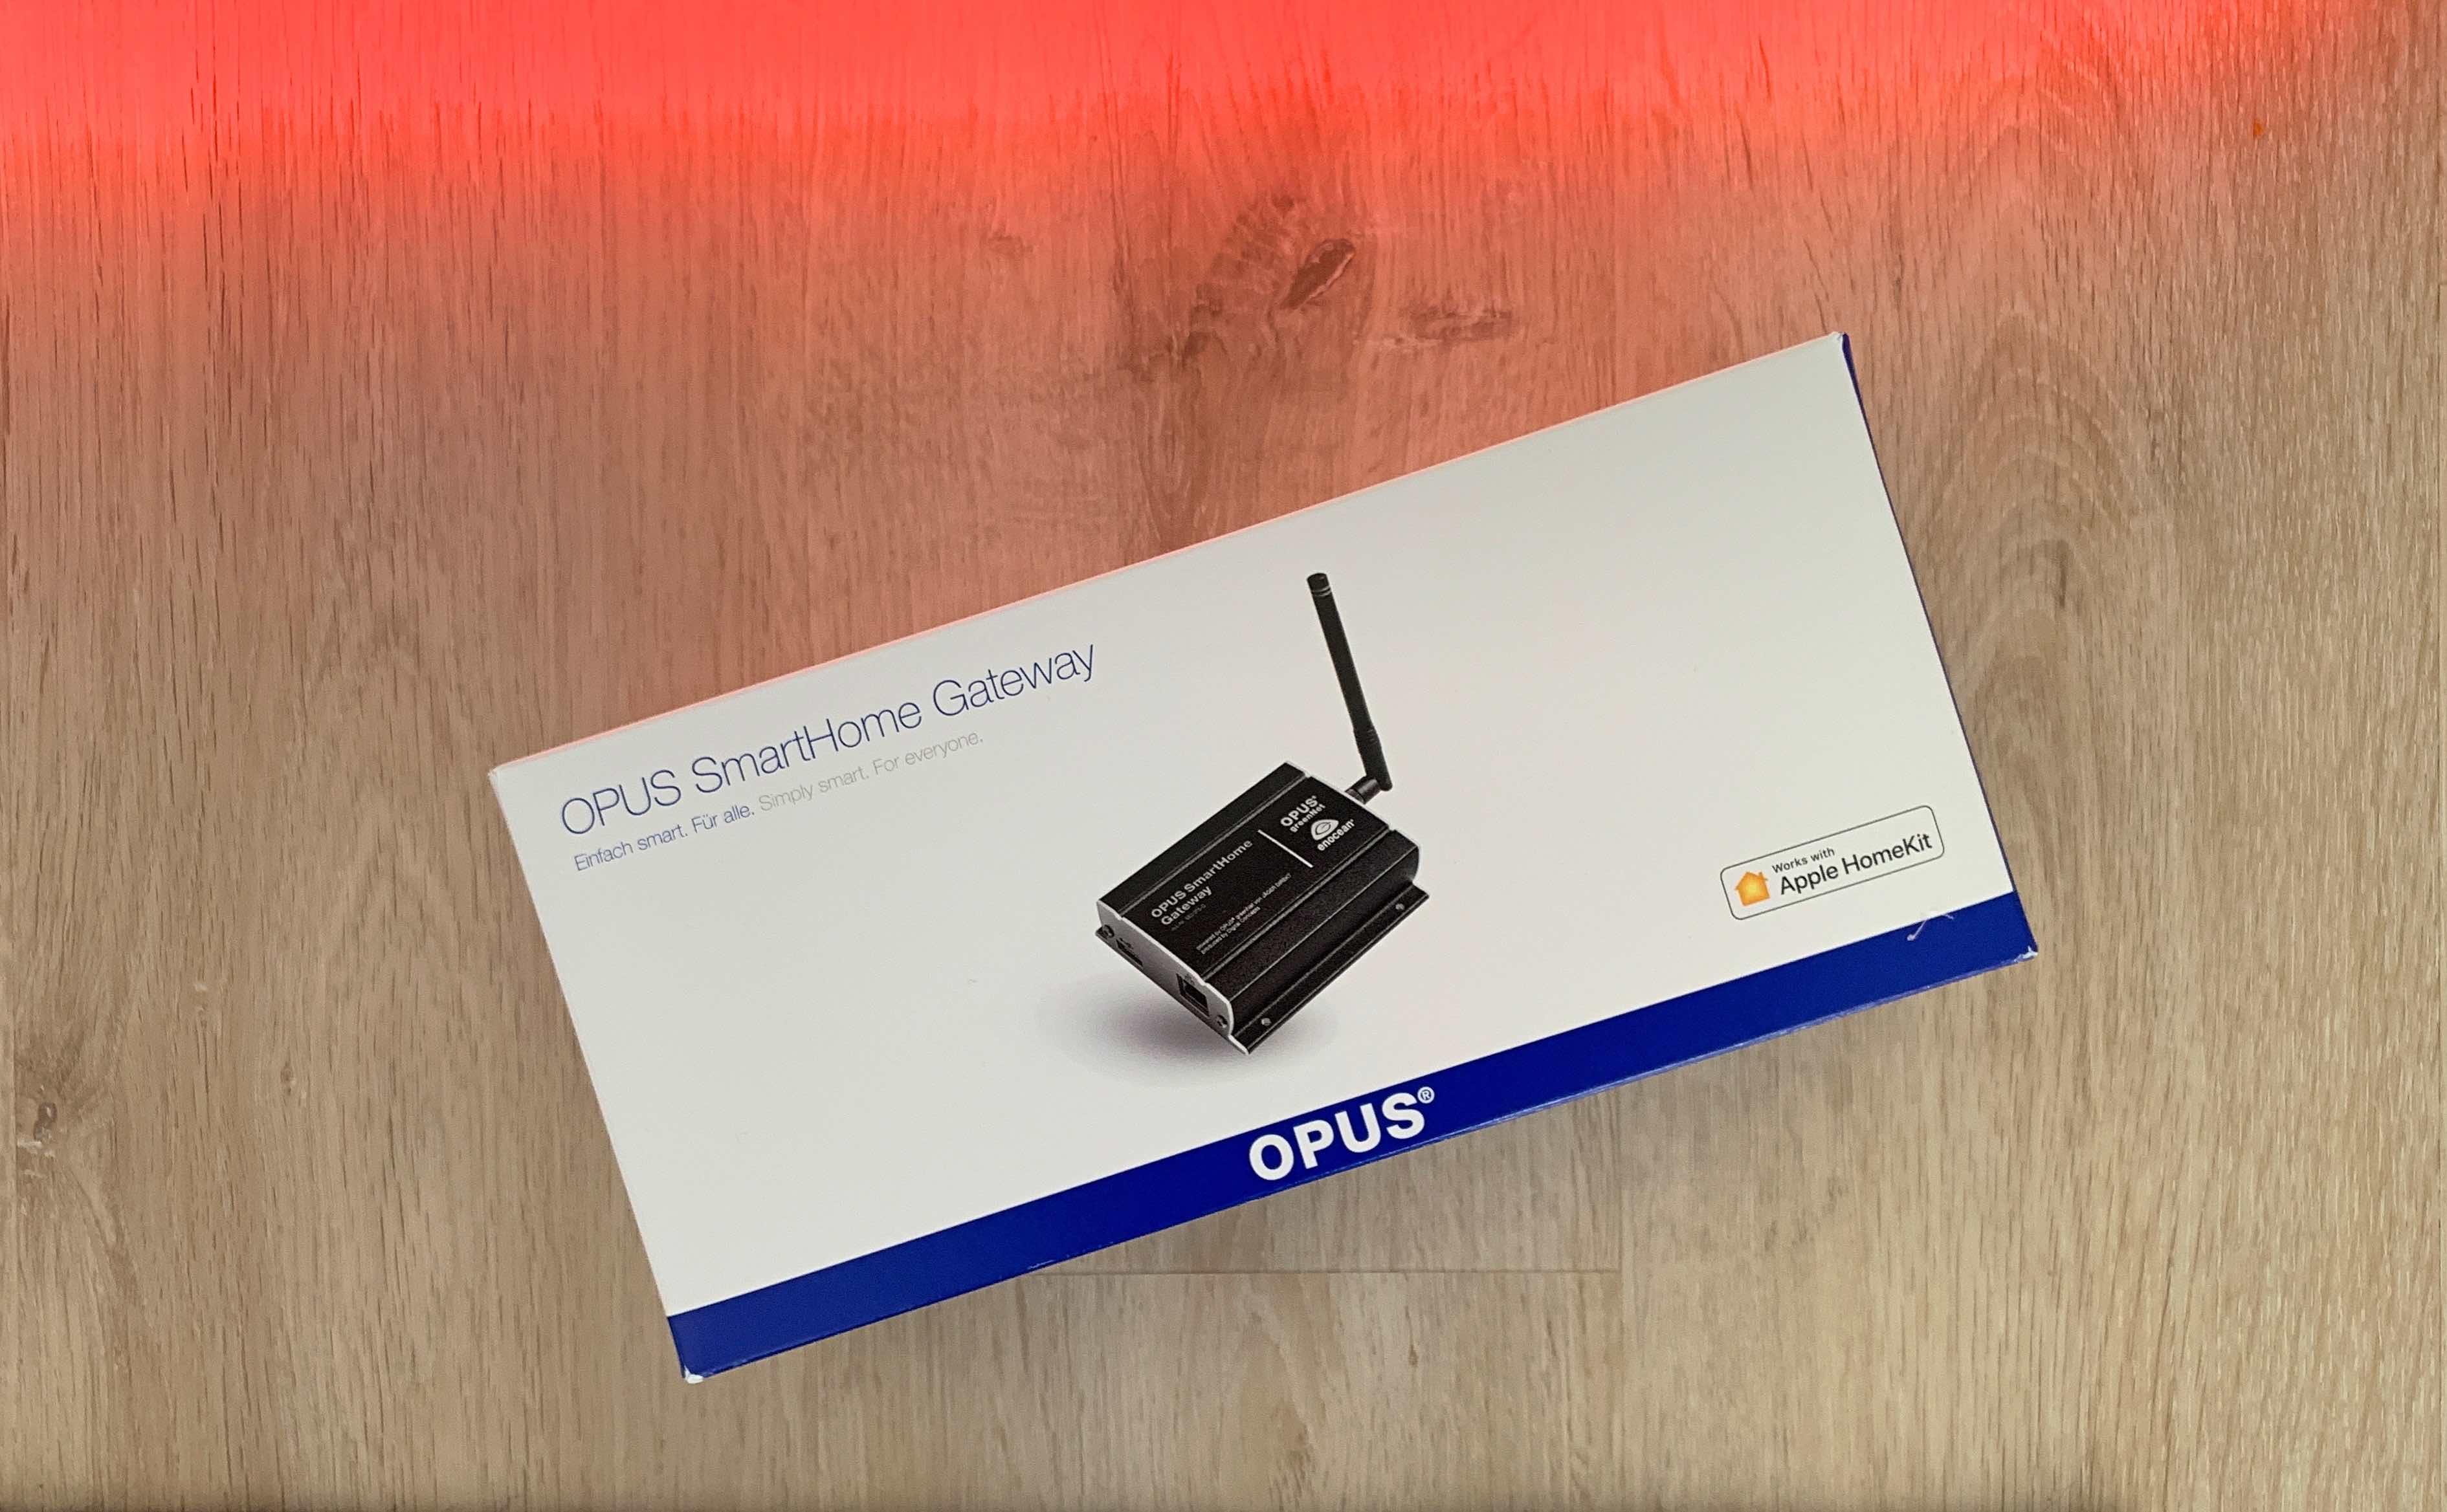 Opus_EnOcean_Gateway_HomeKit_SmartHome_Review3 Opus Gateway mit HomeKit  - EnOcean-Sensoren in perfekter Form